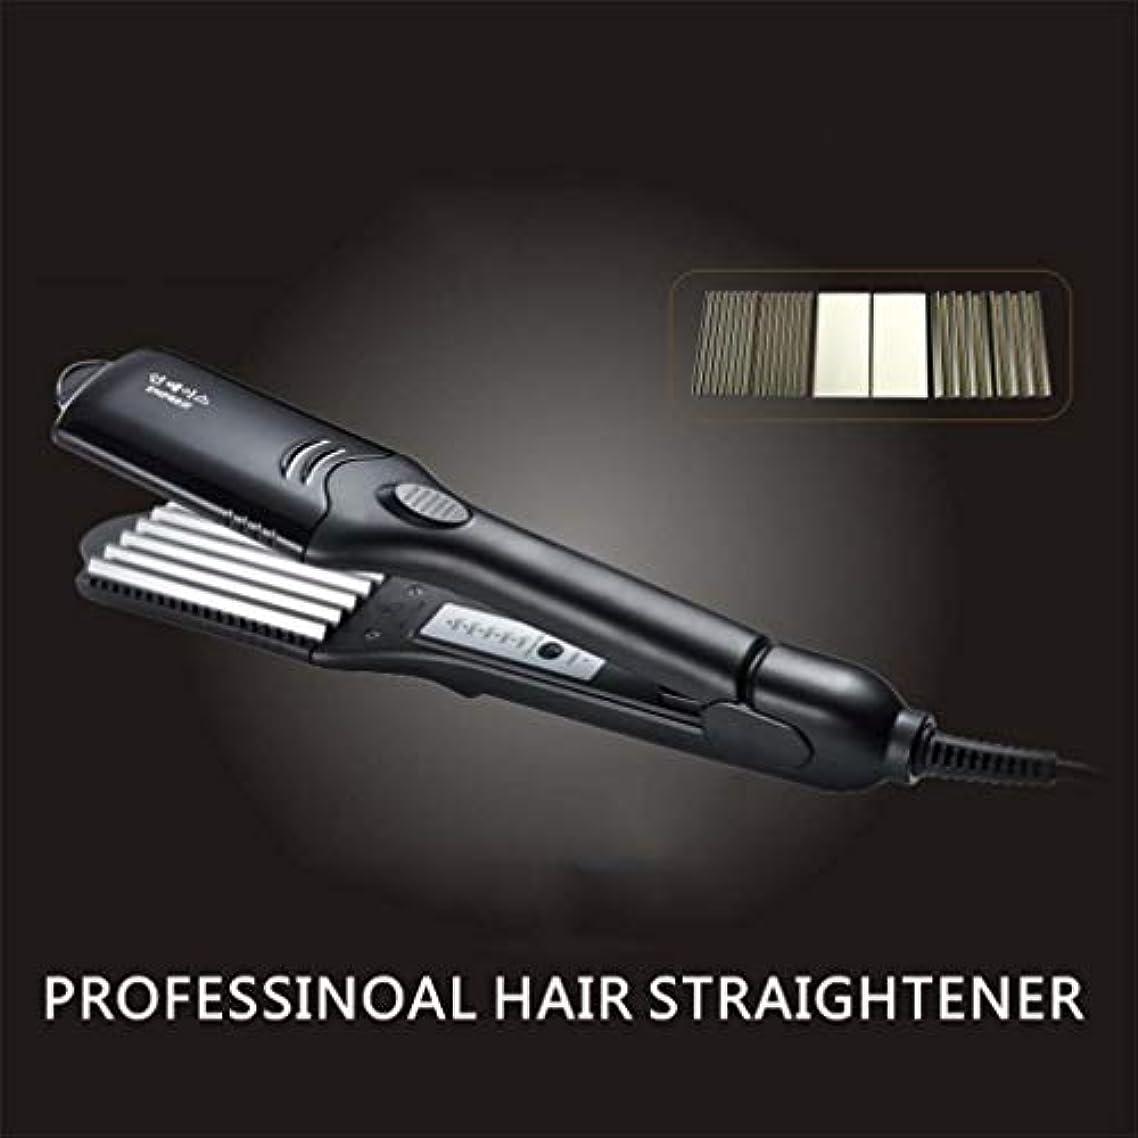 指紋死ぬどちらも多機能ストレートヘアアイロン4イン1ヘア変更コーンホットプレート変える電気スプリント,黒